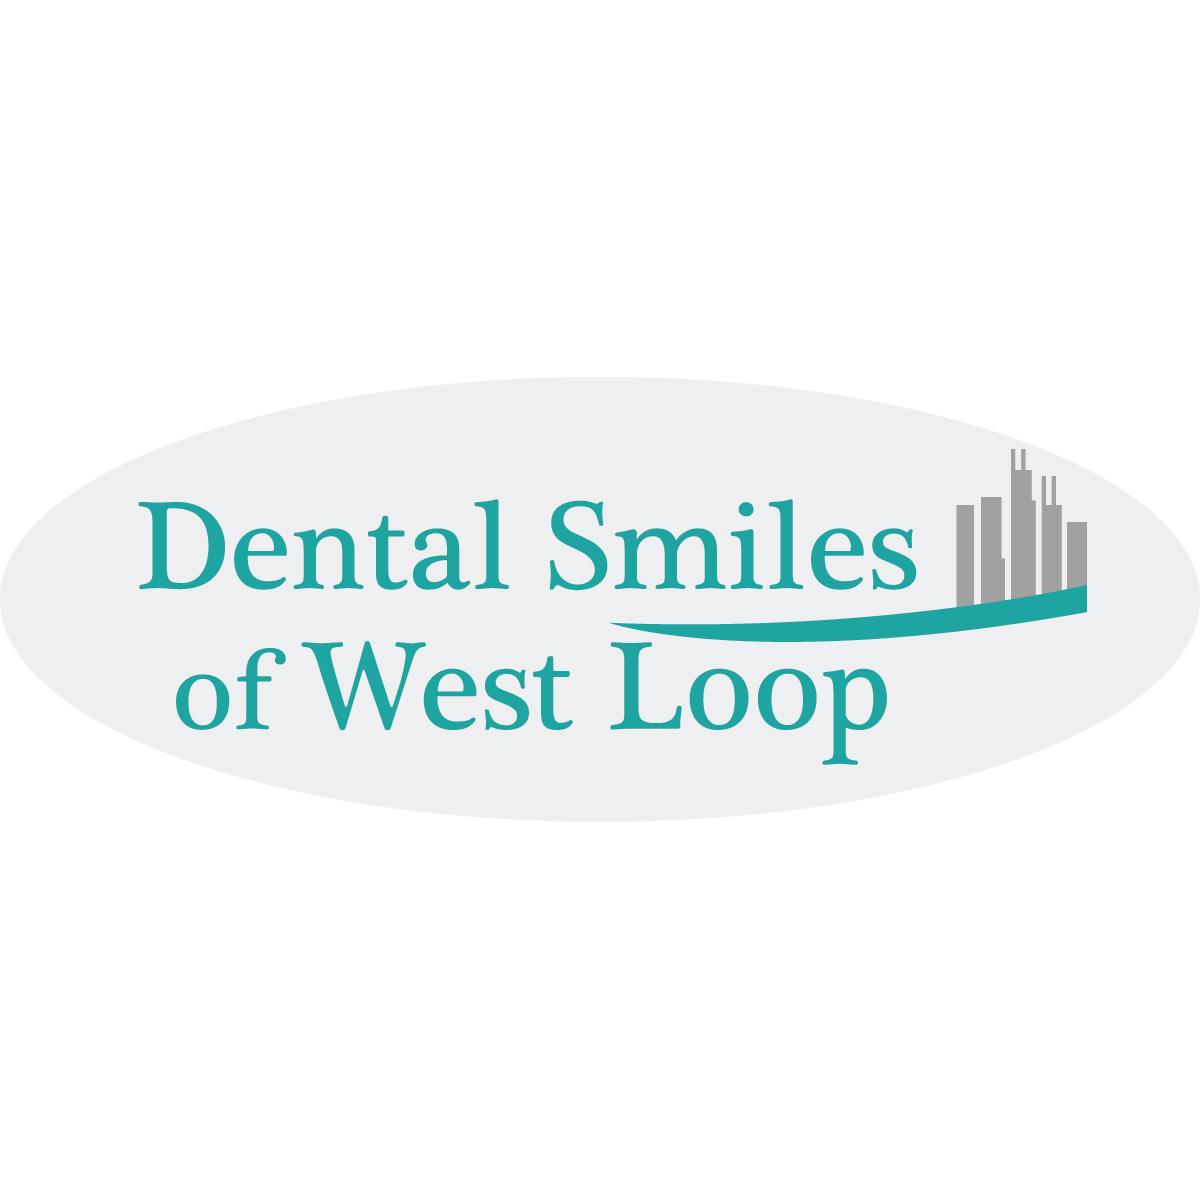 Dental Smiles of West Loop